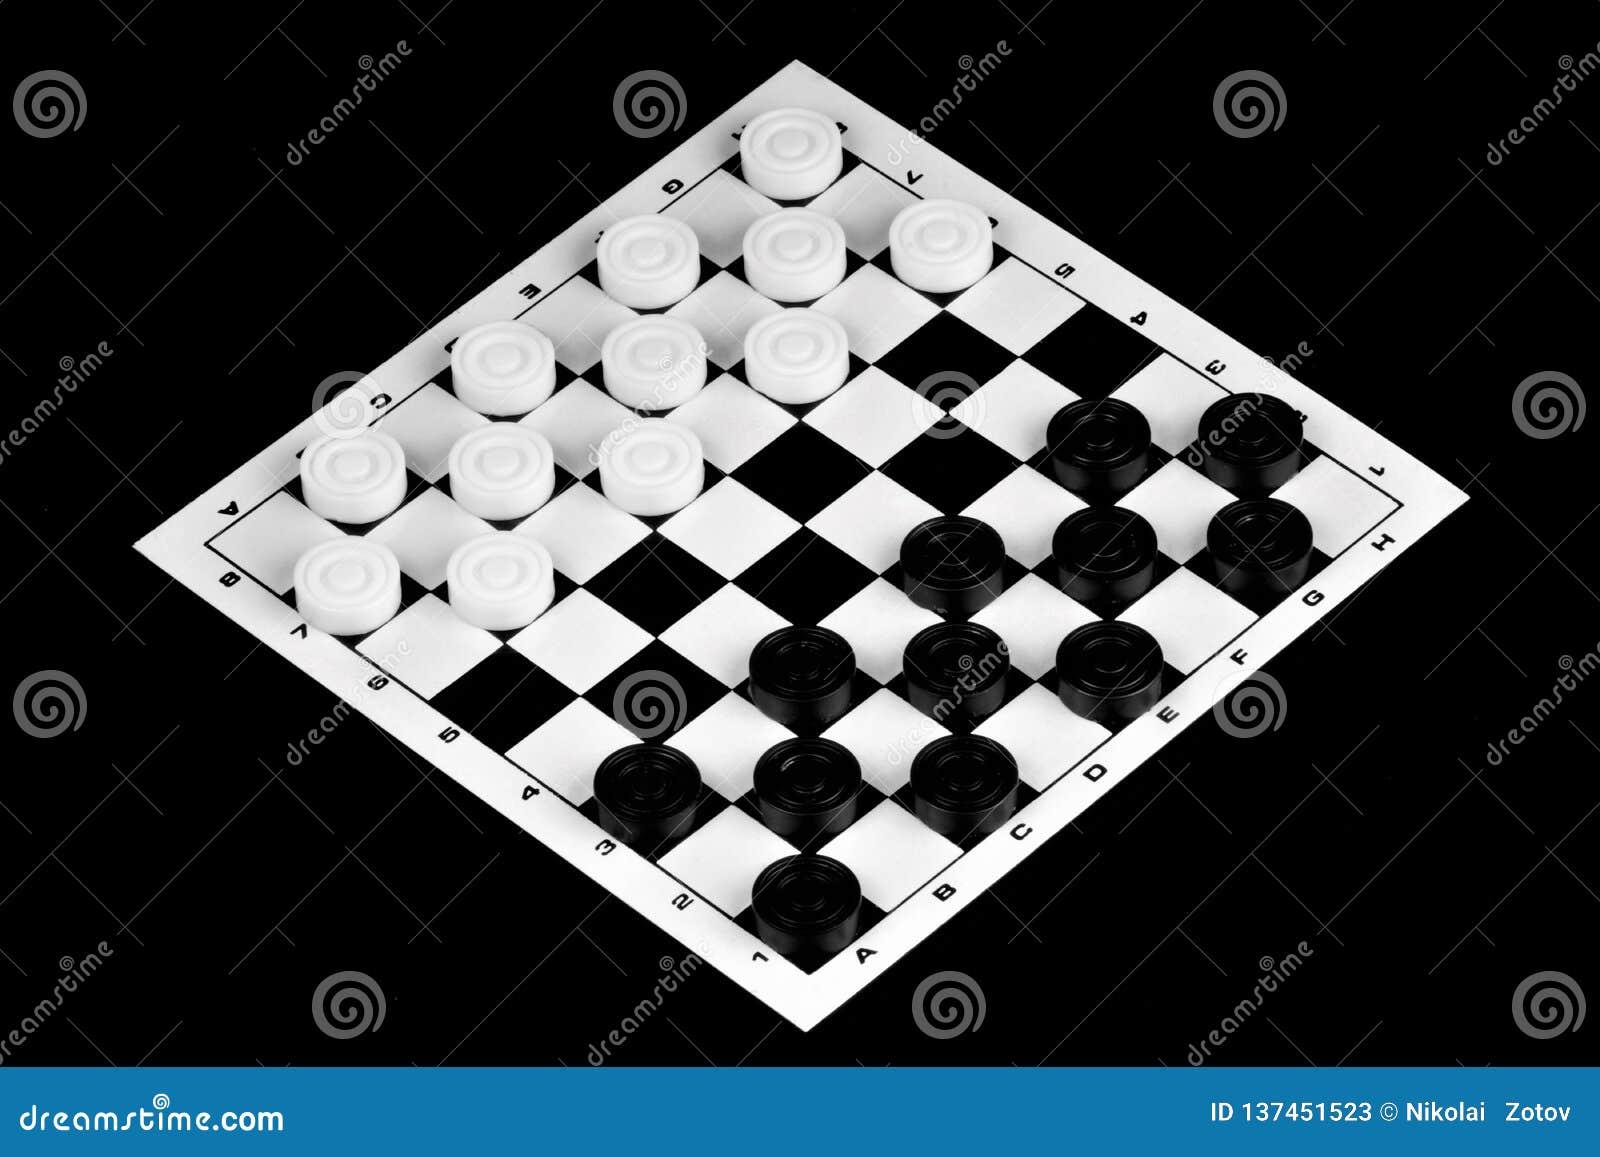 Les contrôleurs est un jeu antagonique de logique antique populaire de conseil avec les morceaux noirs et blancs spéciaux, sur un